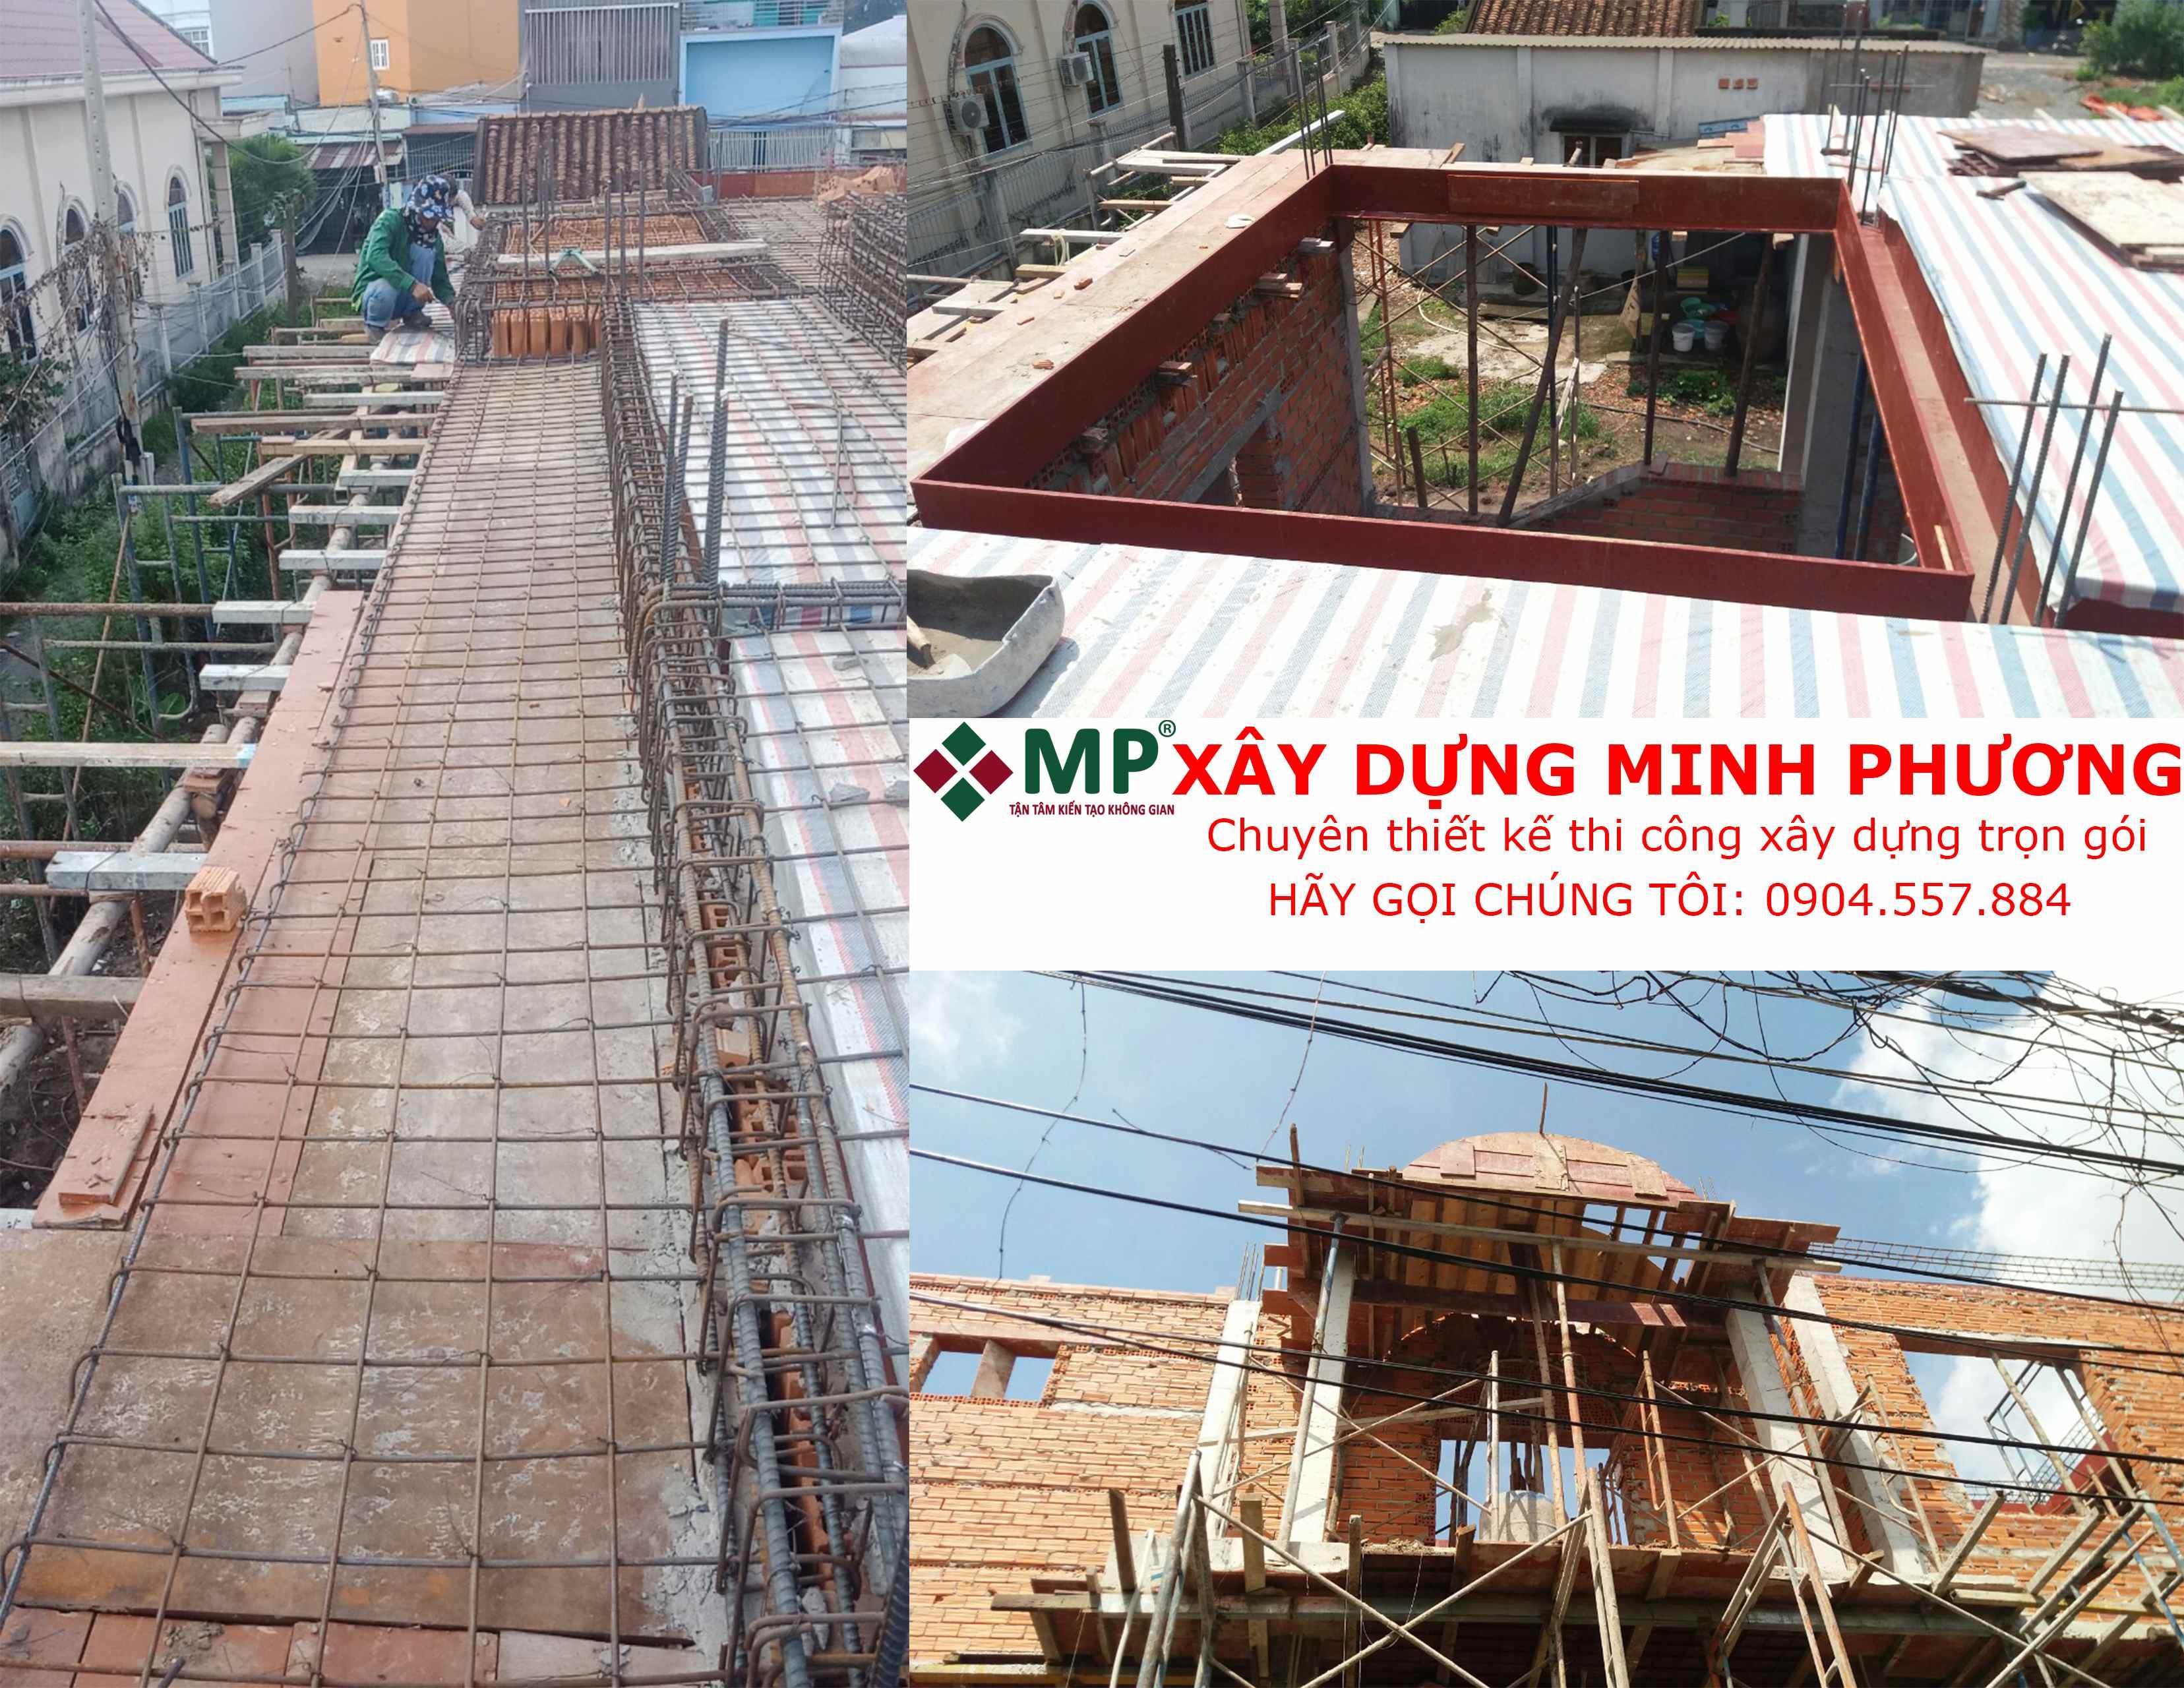 Xây dựng nhà anh Sơn quận Hóc Môn